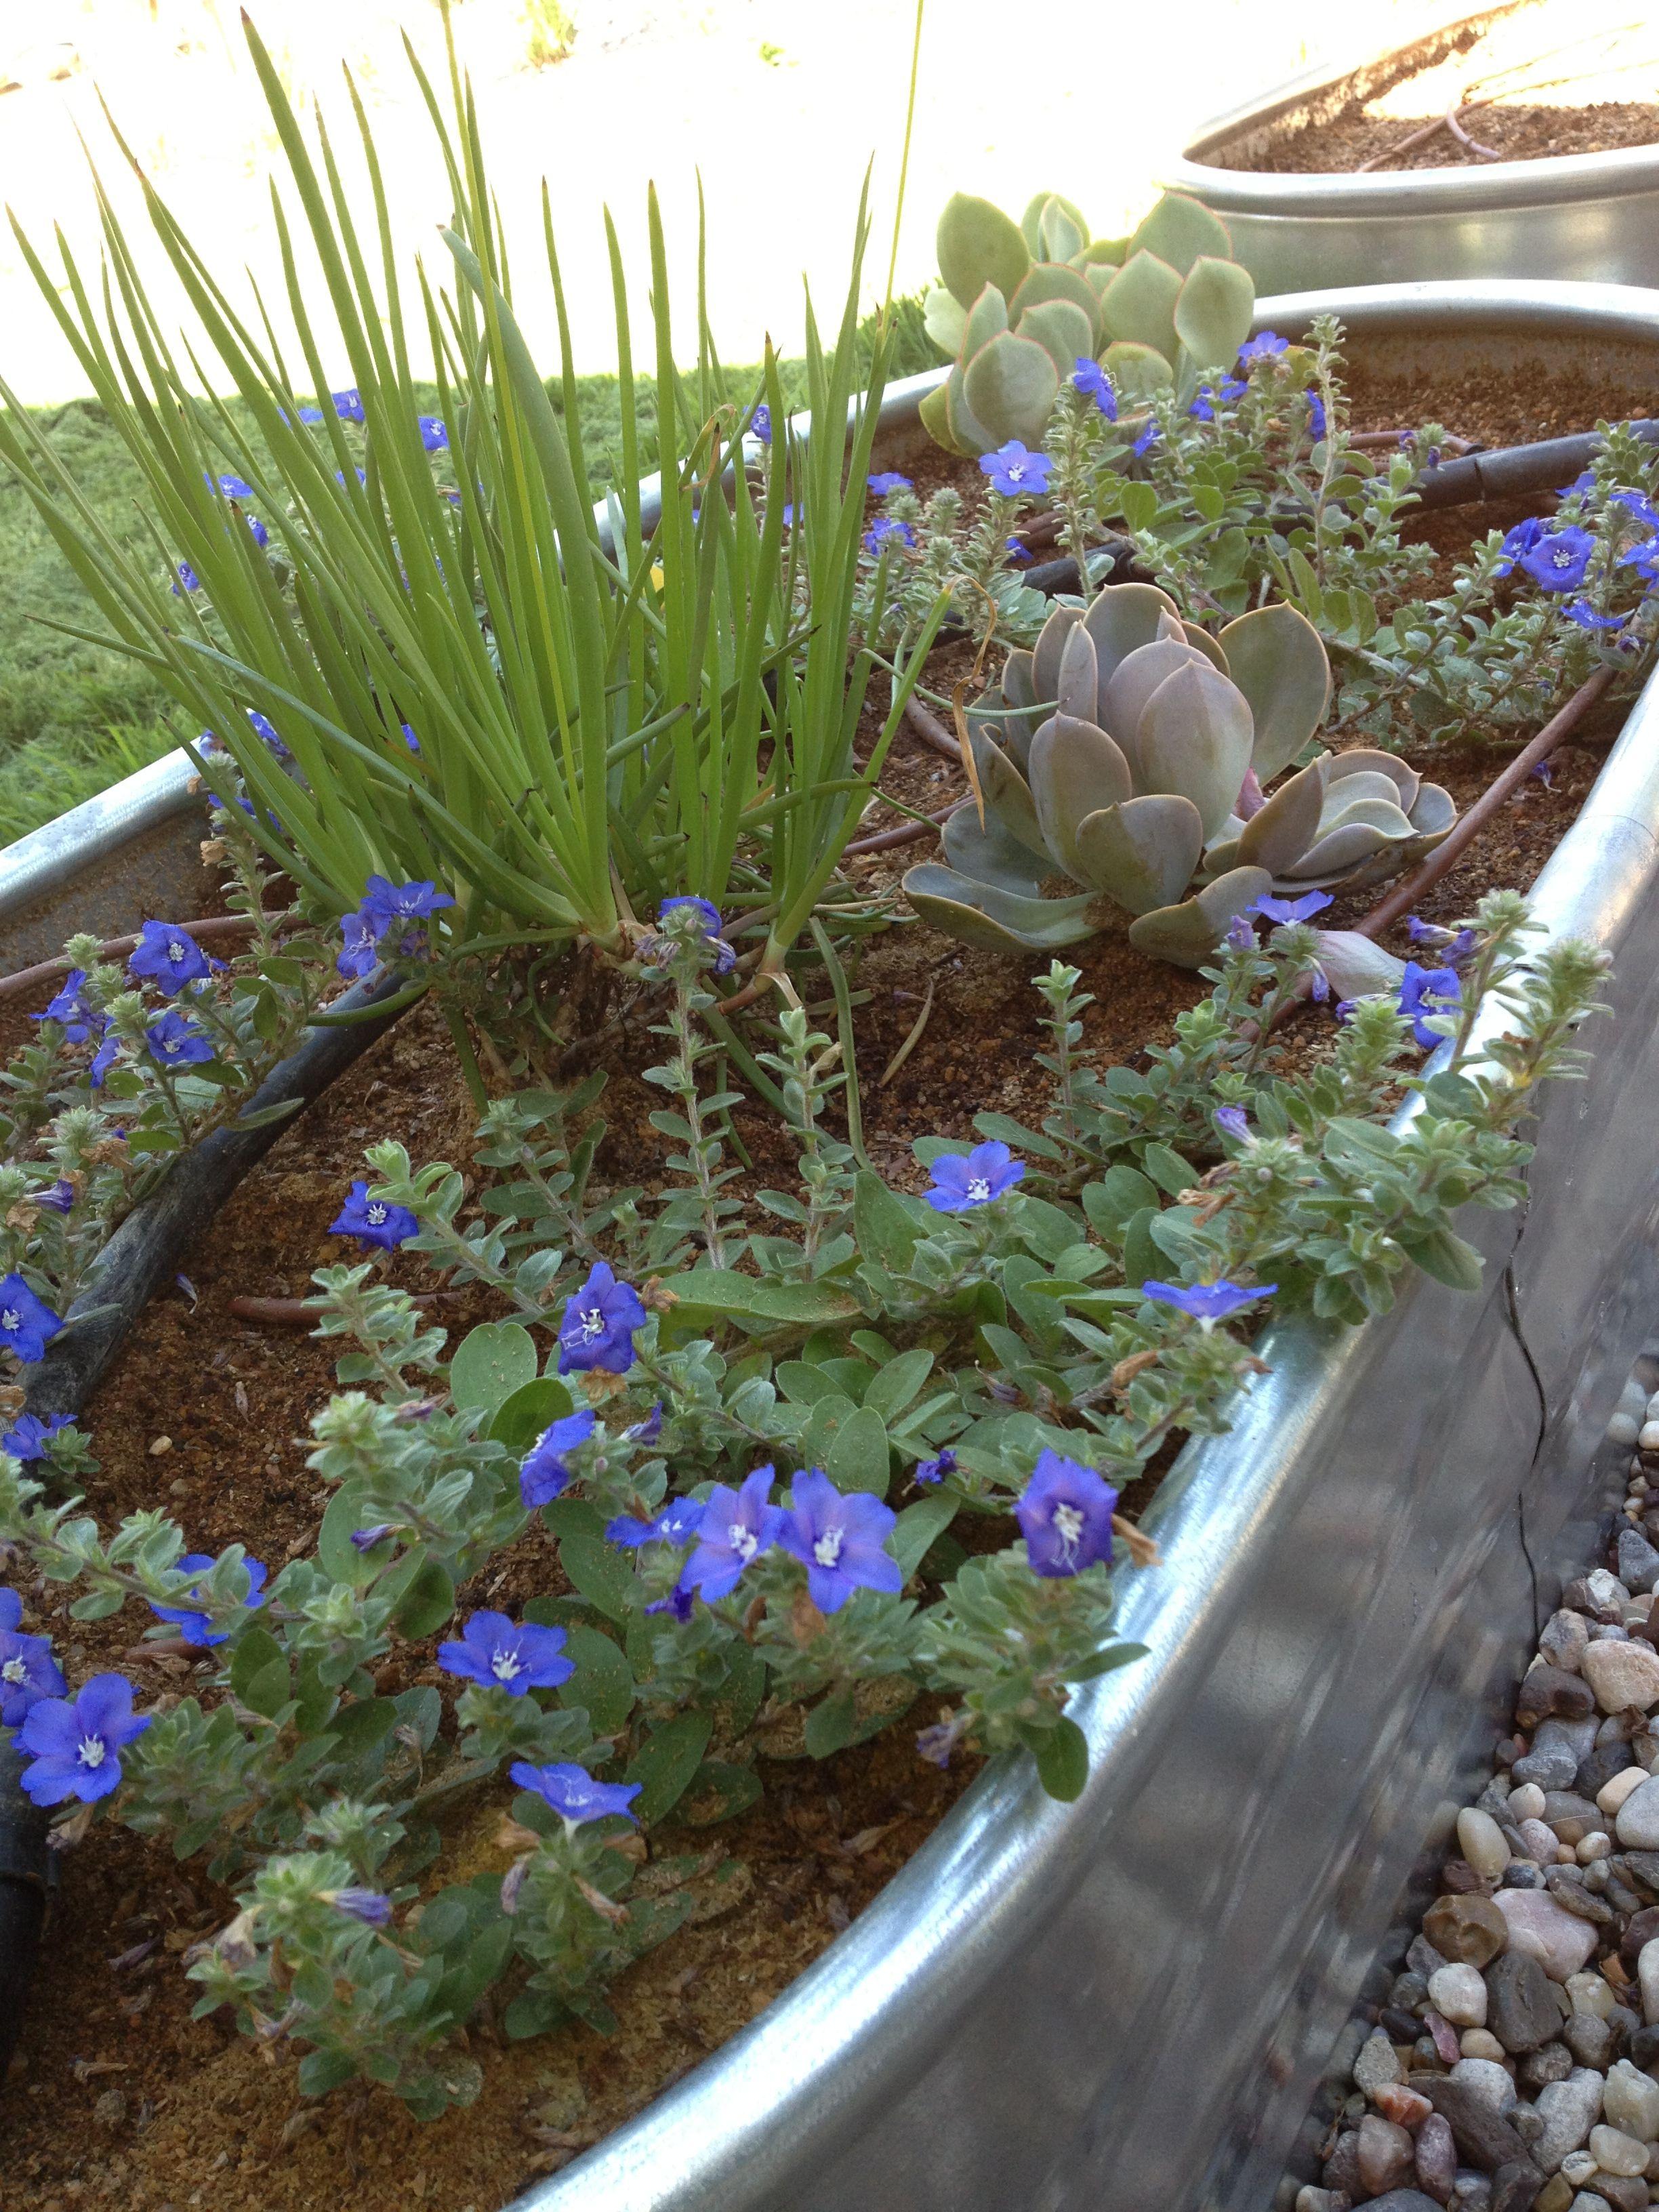 Drought tolerant stock tank garden raised garden